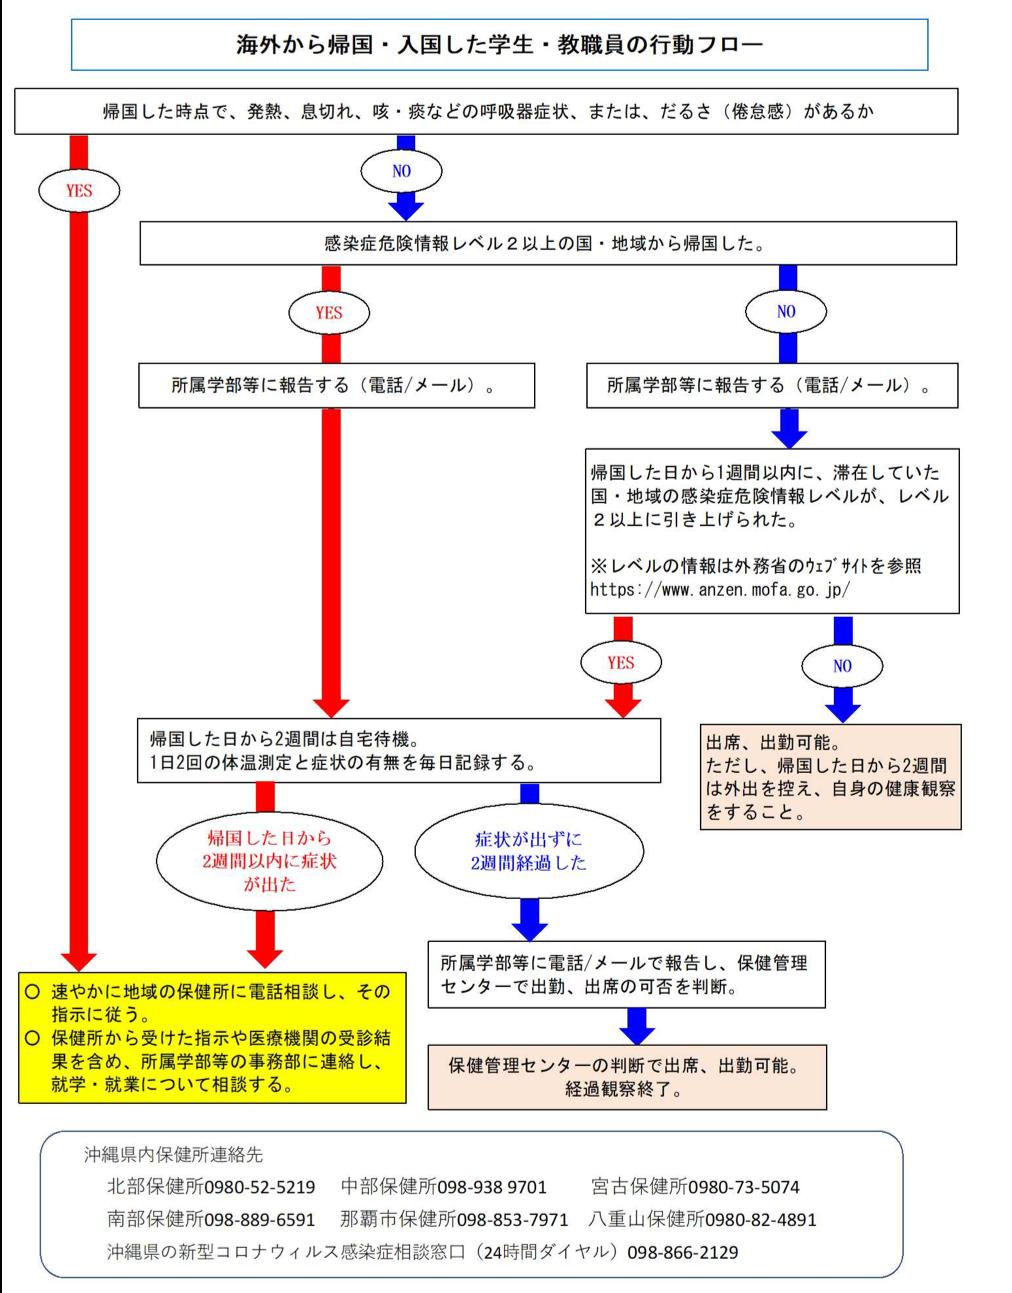 サイト 新型 沖縄 症 感染 県 対策 ウイルス コロナ